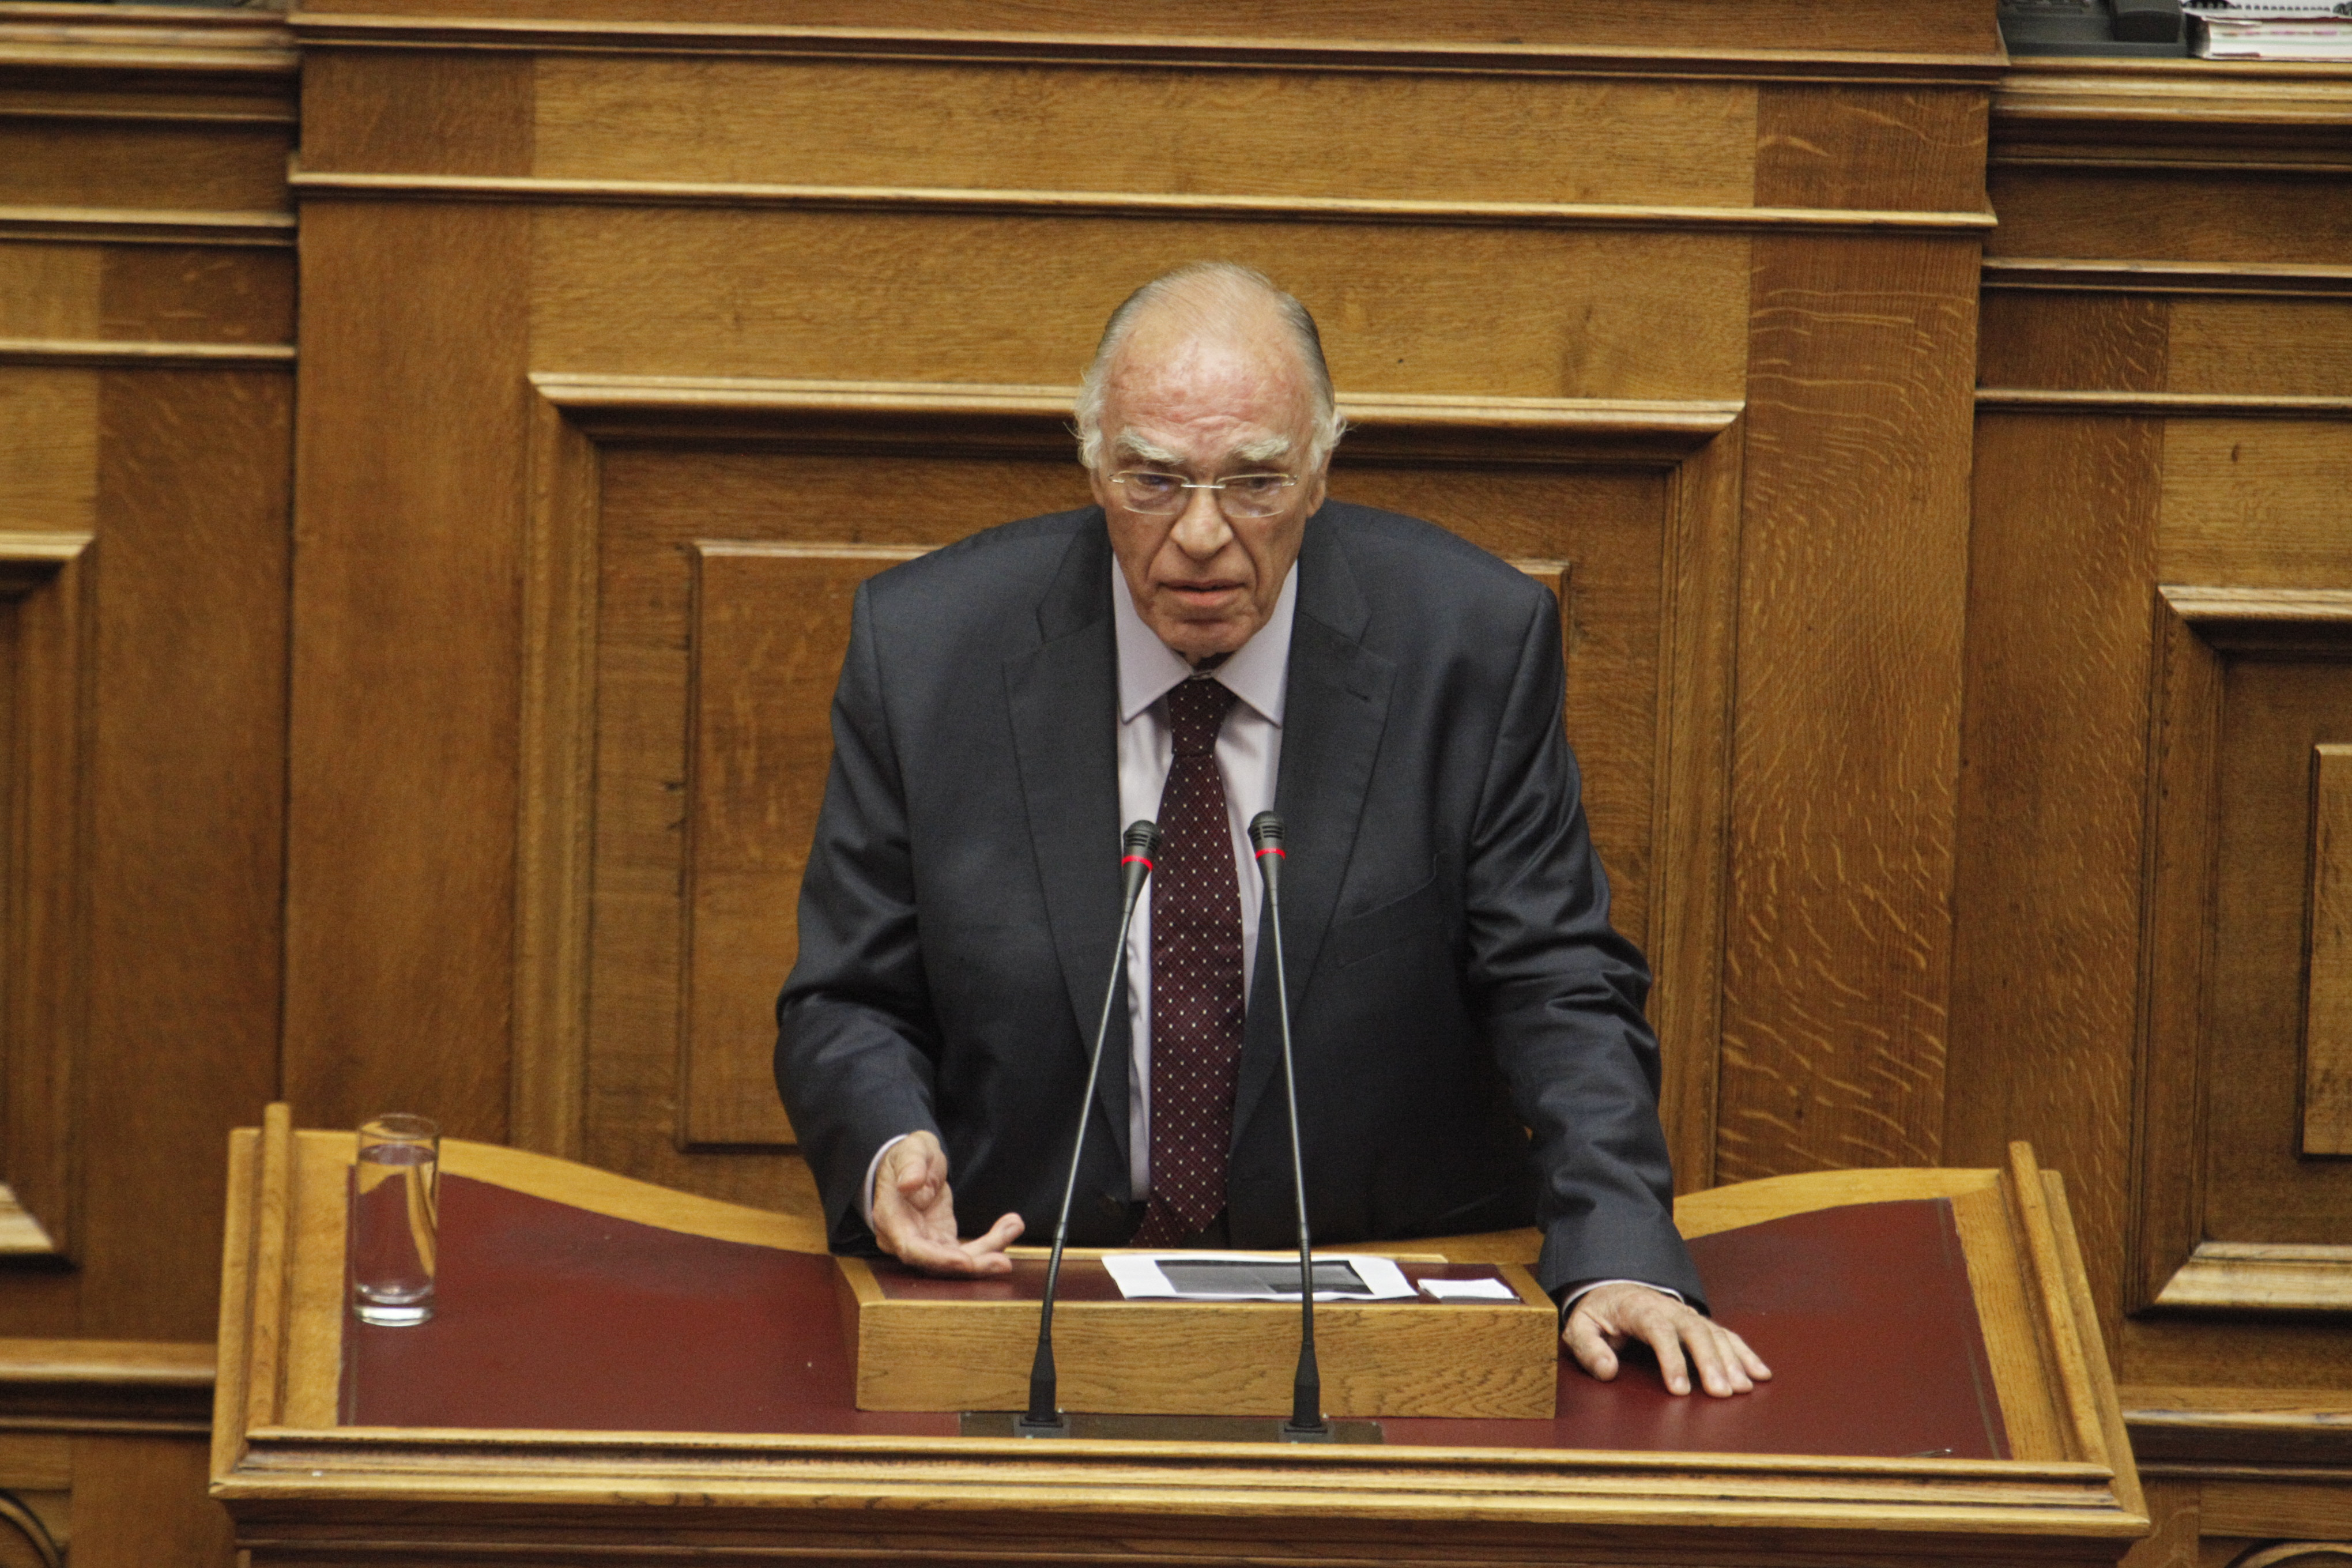 Λεβέντης: Προδοσία η άρνηση του ΠαΣοΚ να ψηφίσει απλή αναλογική | tovima.gr